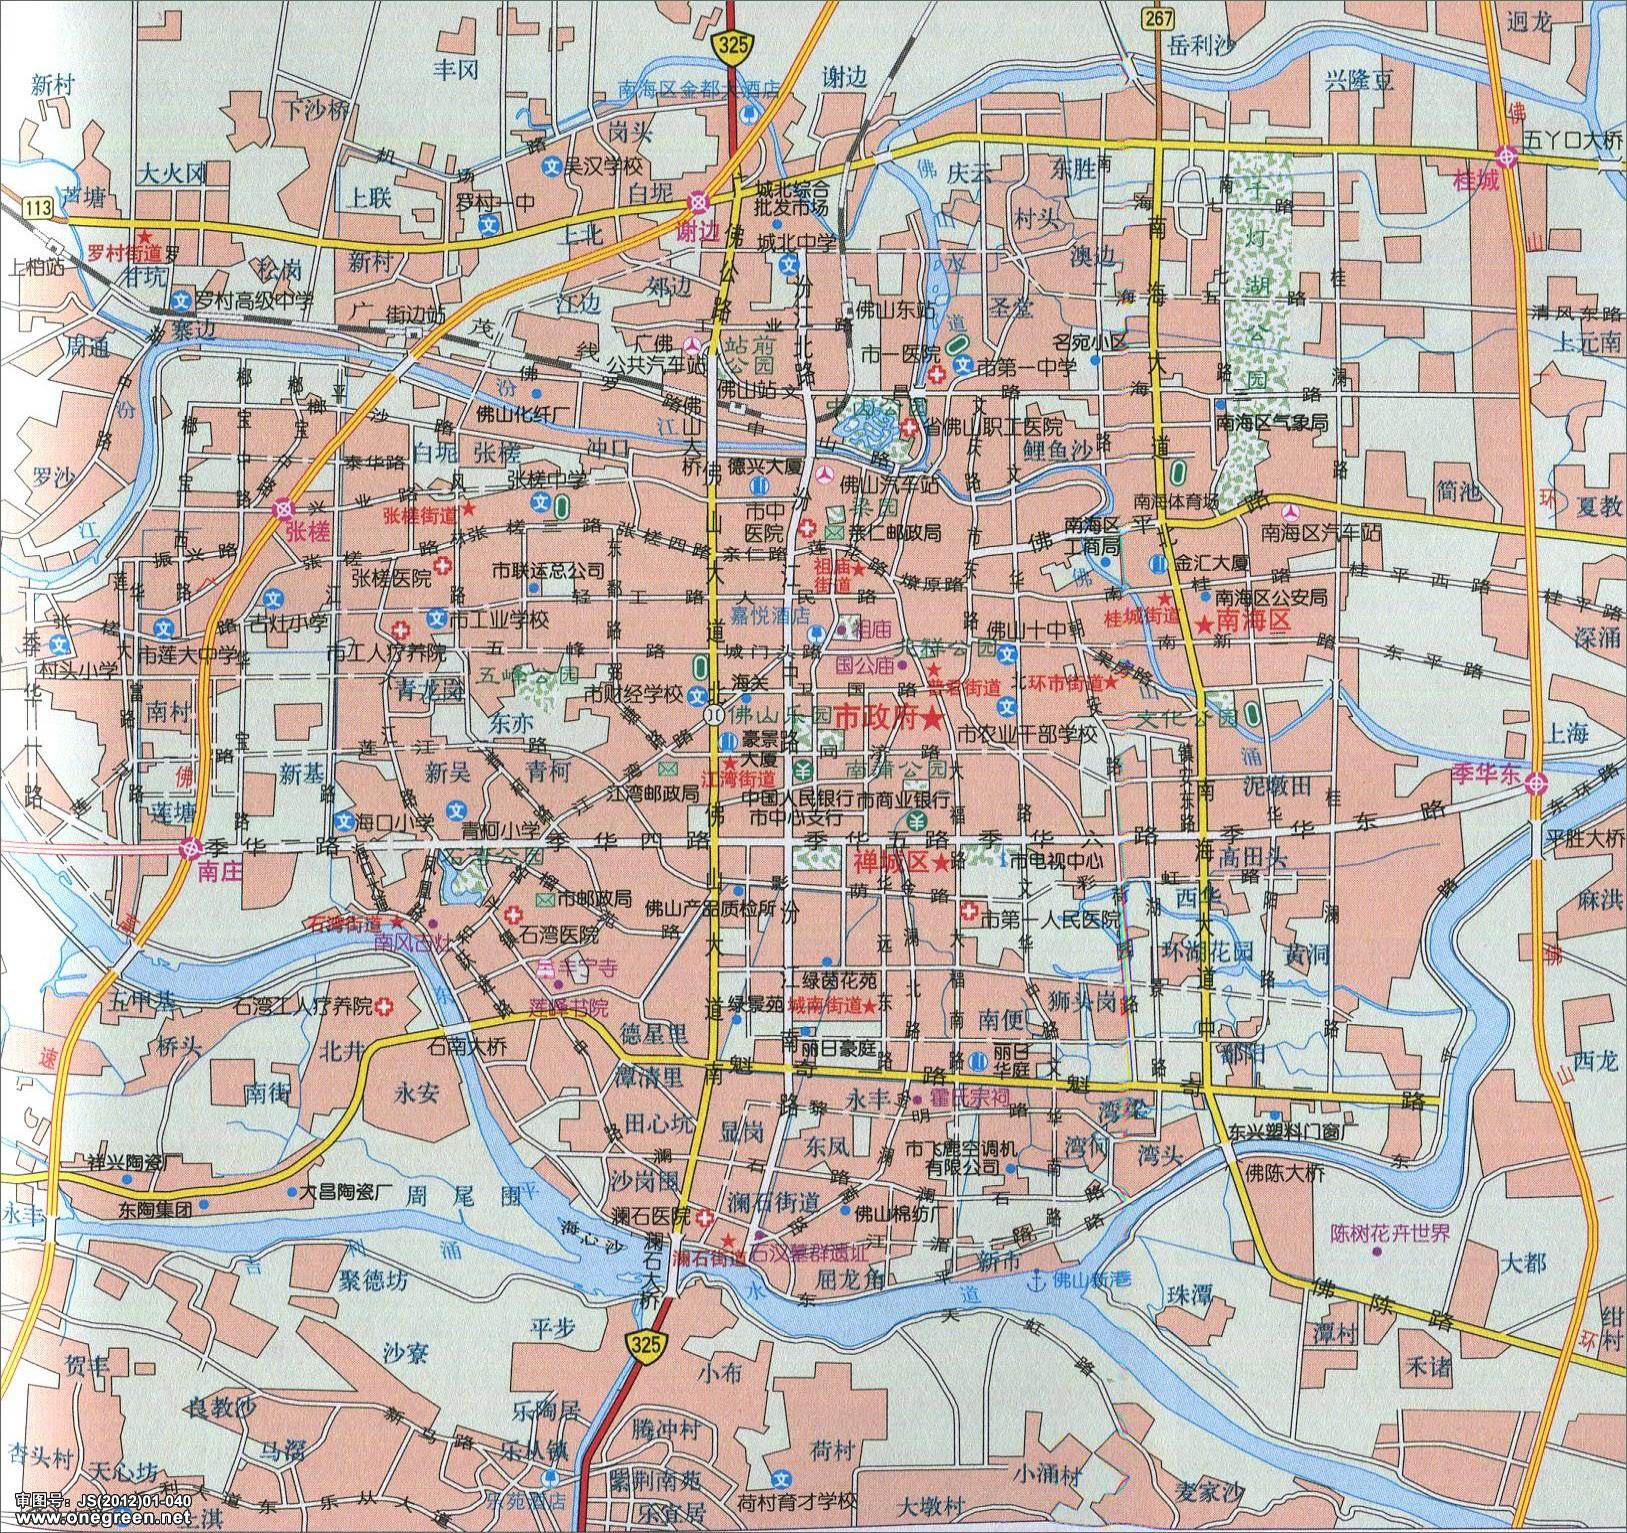 佛山市城区地图